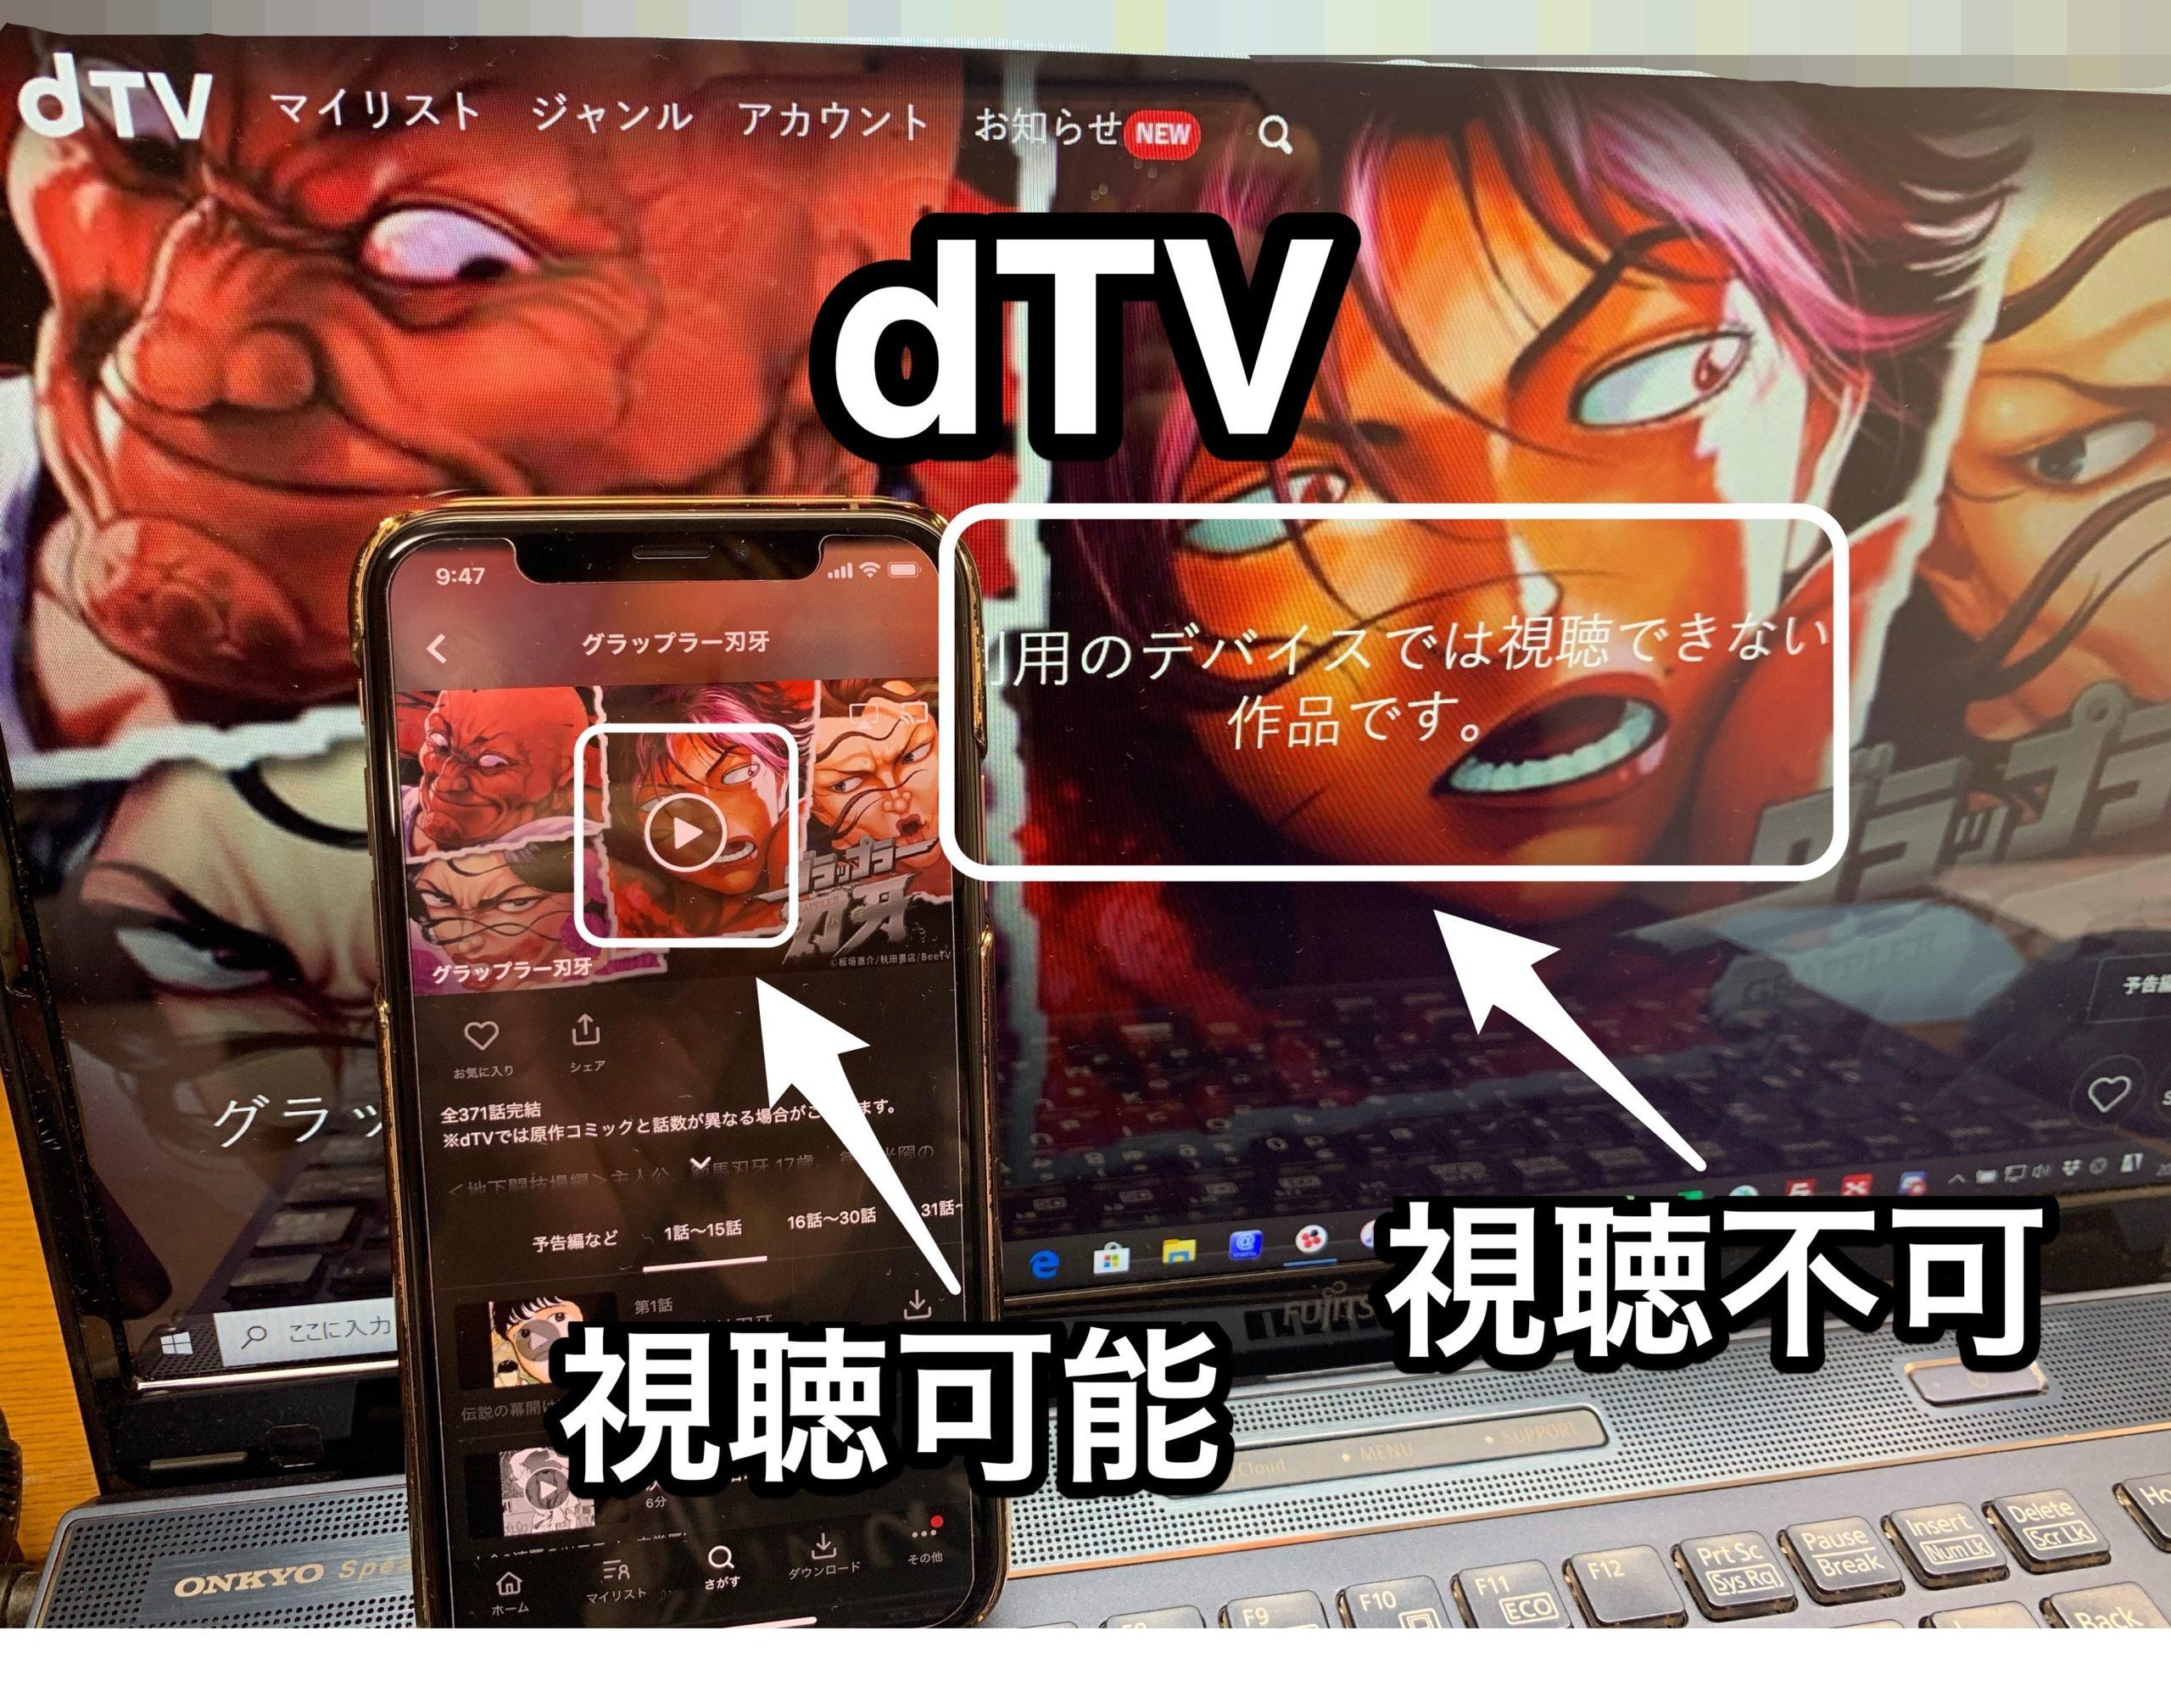 dTVは視聴不可のデバイスがある